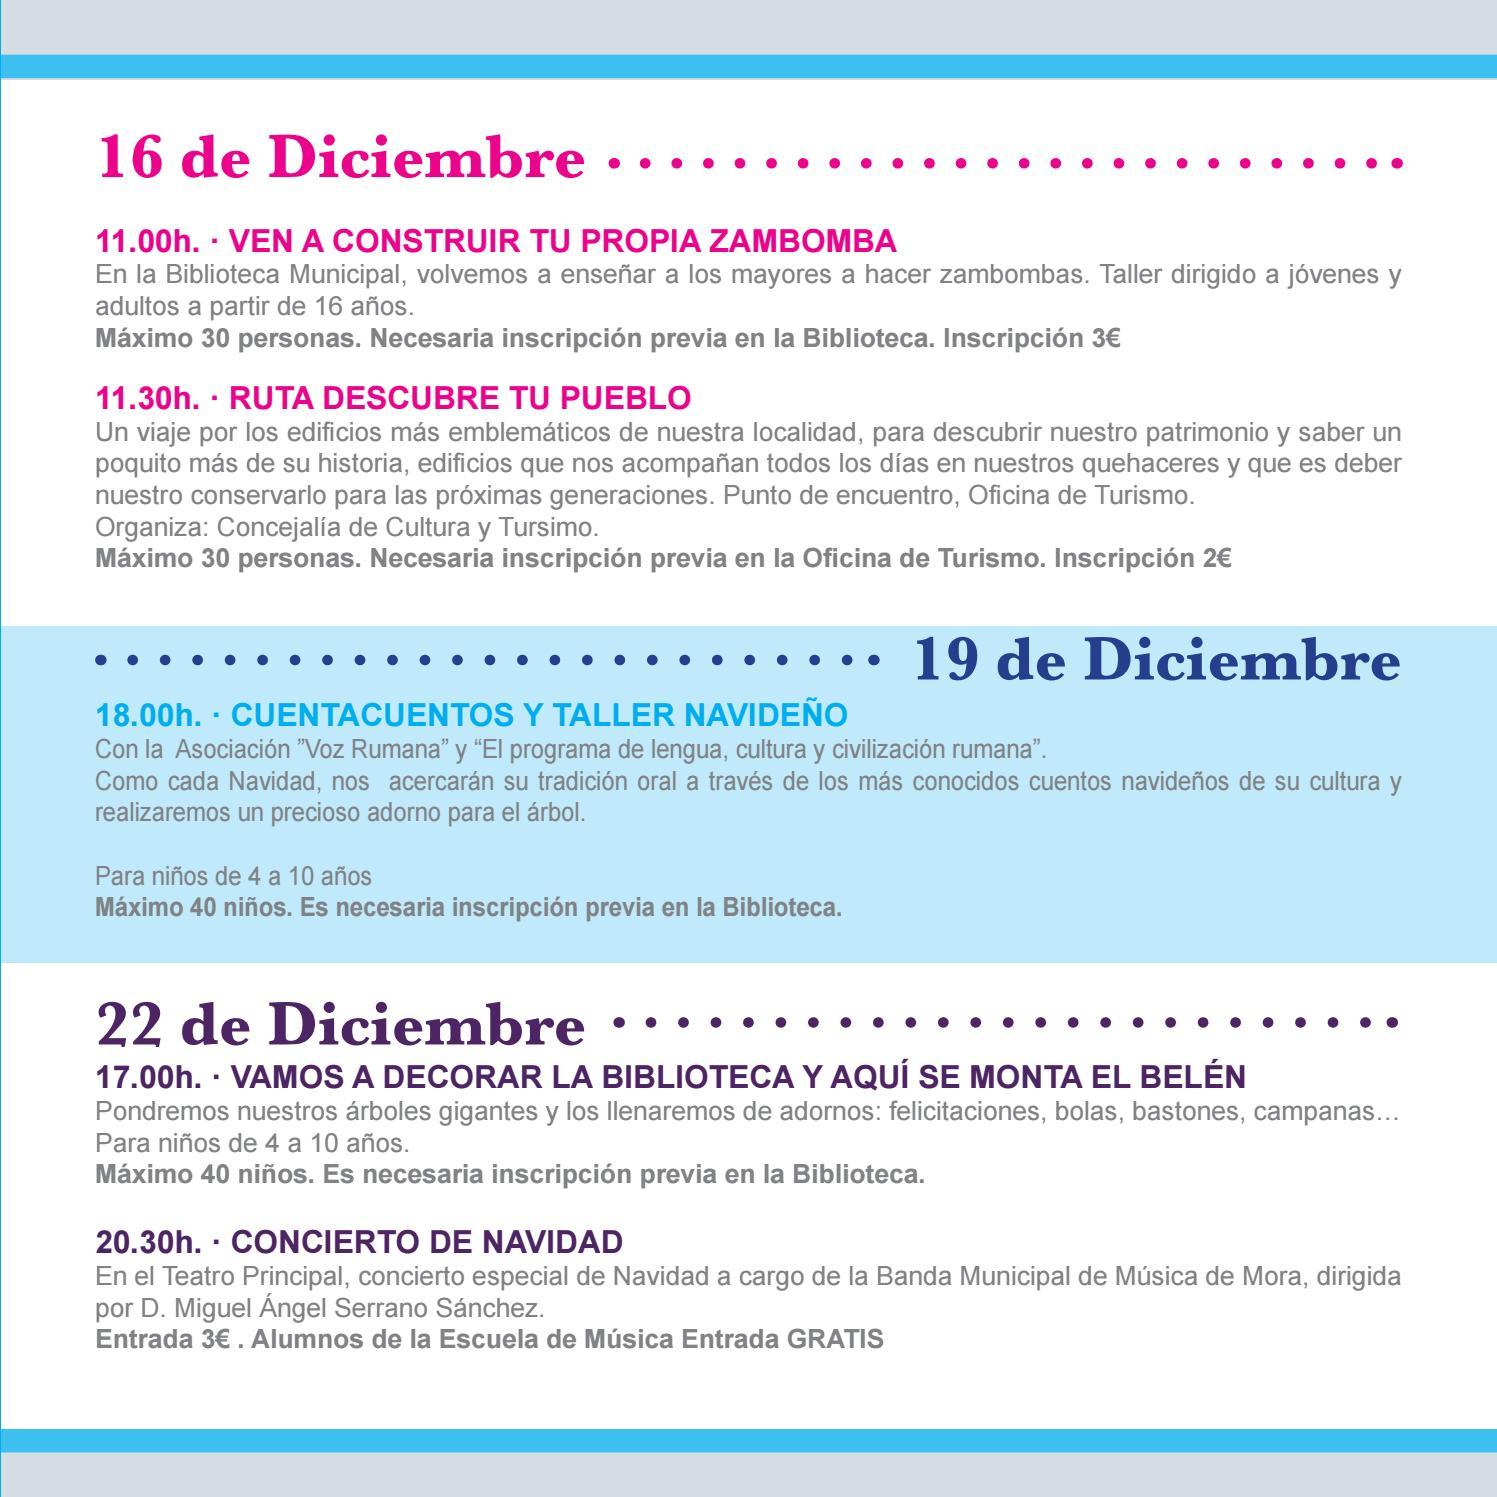 Como Decorar Una Zambomba De Navidad.Programacion De Navidad 2017 2018 By Ayuntamiento De Mora